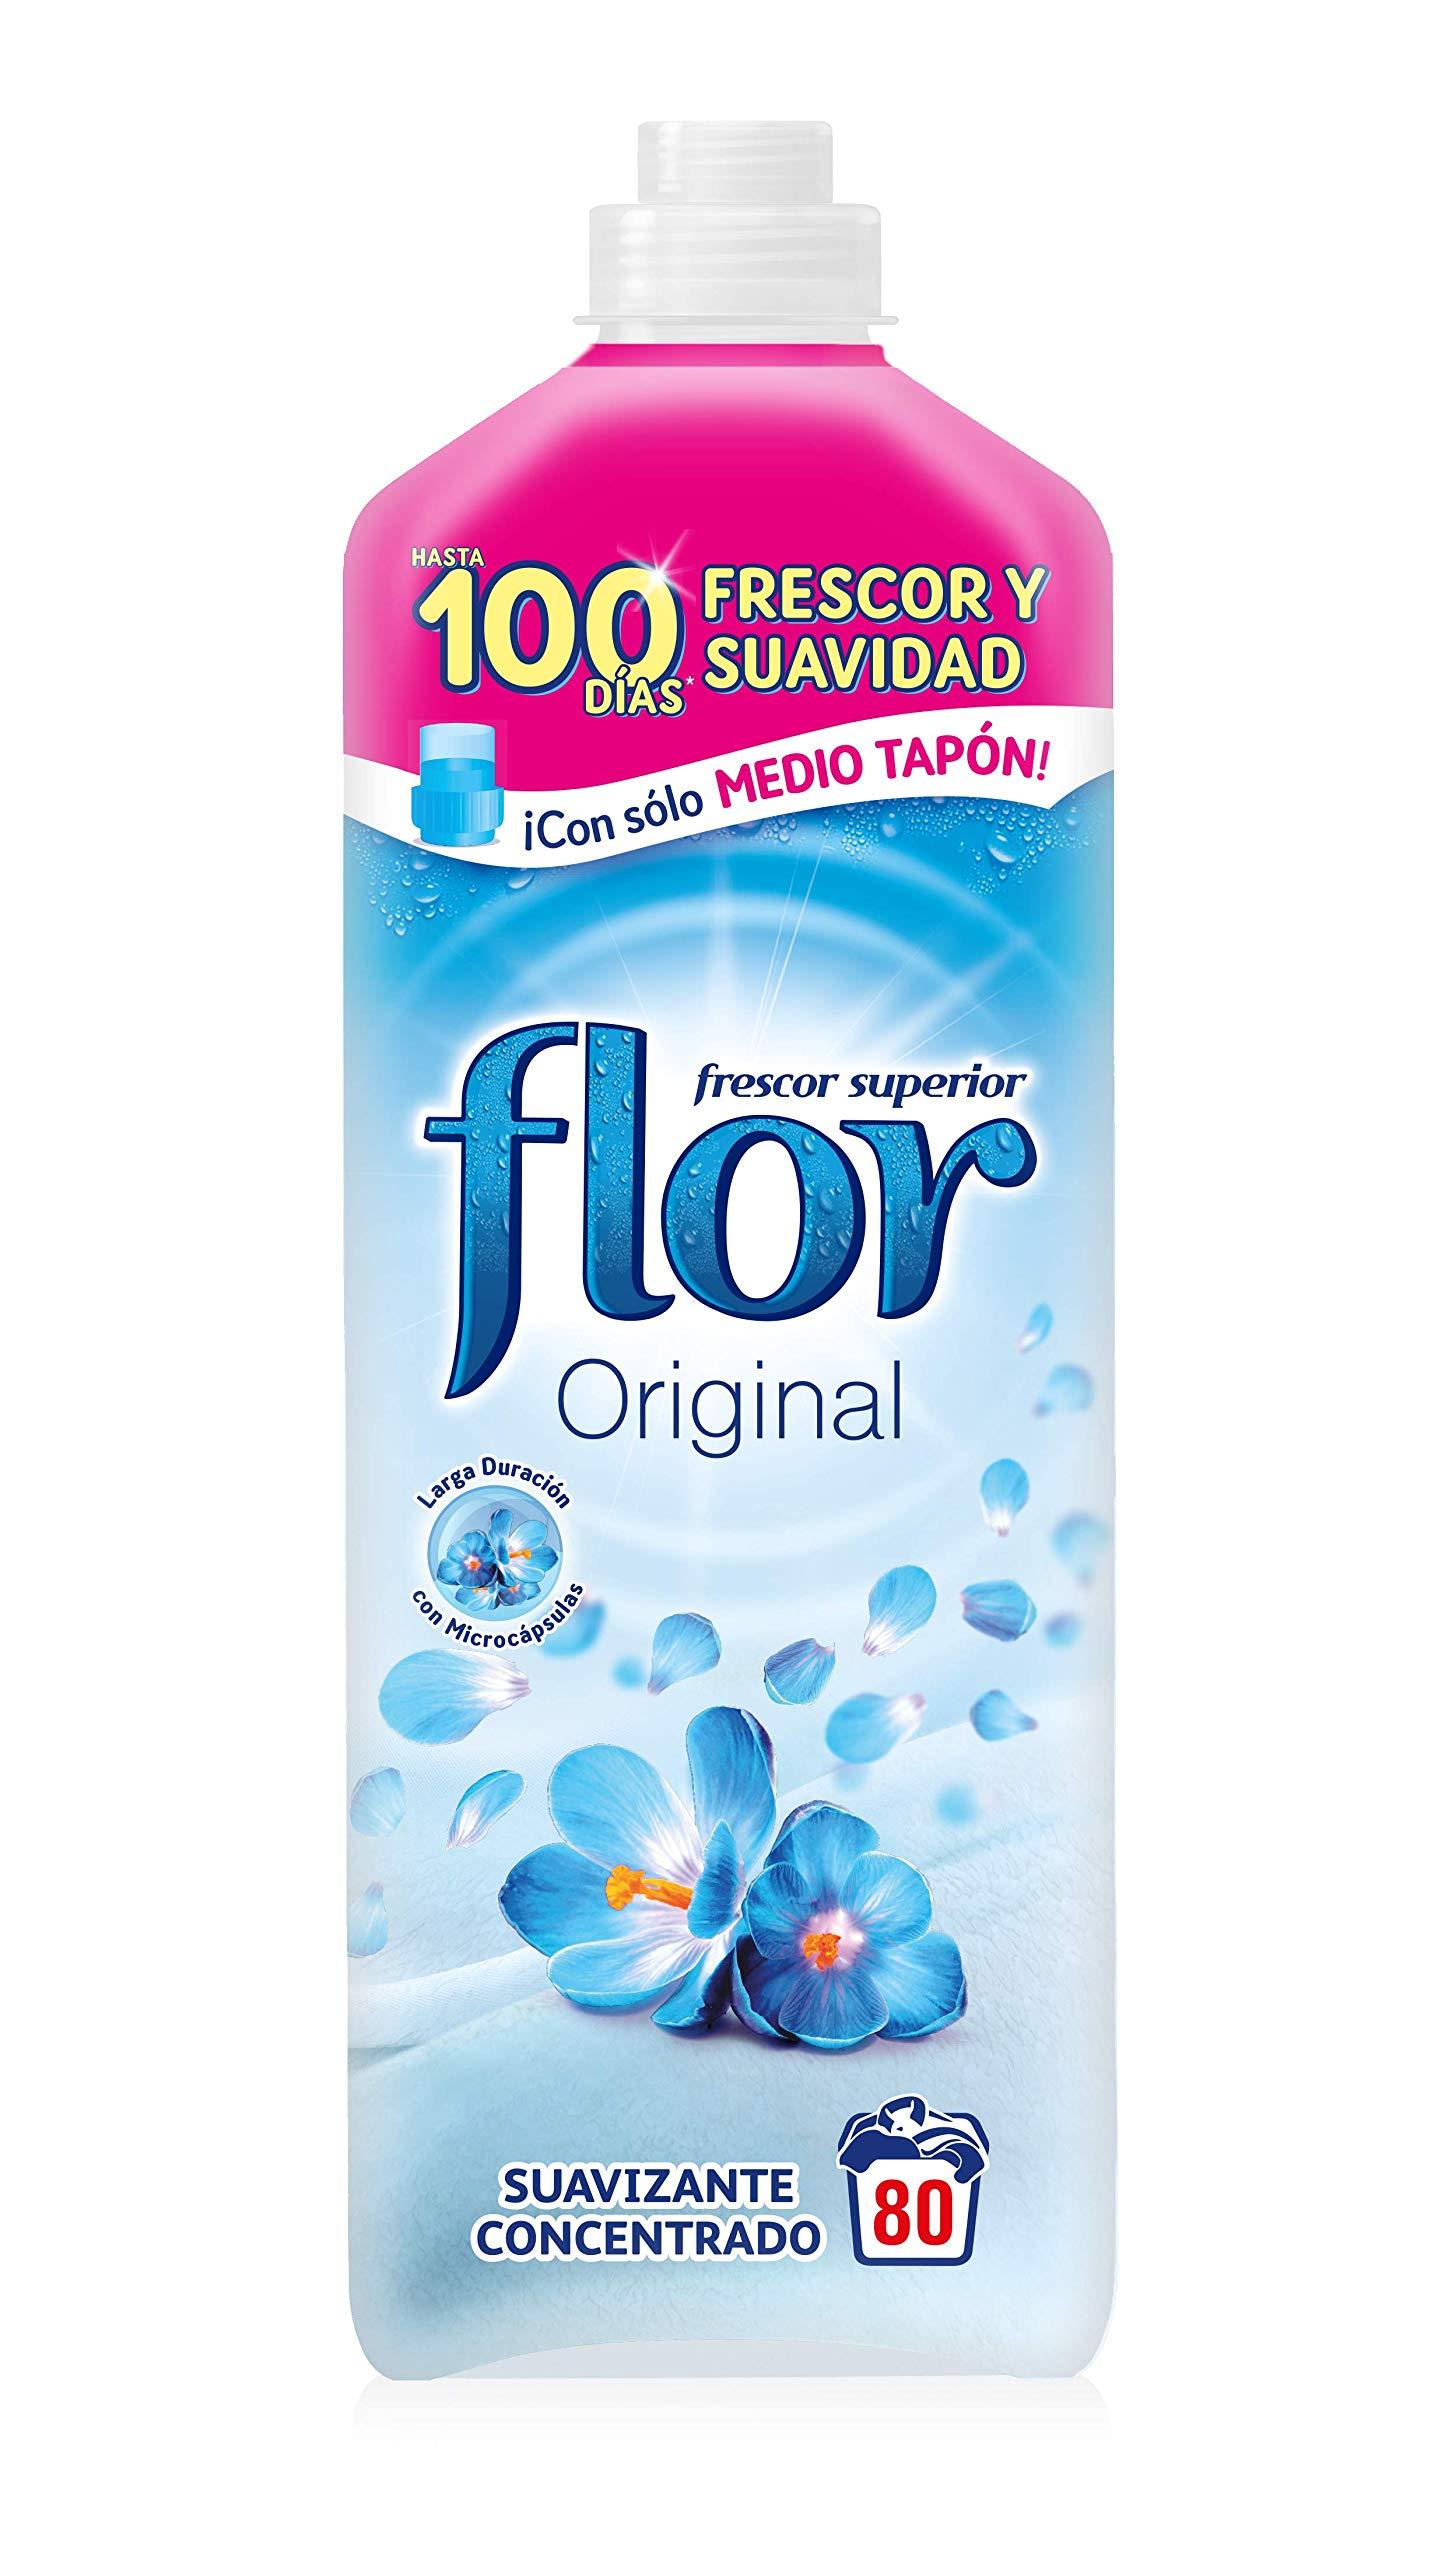 Flor Original - Suavizante Concentrado, para la Ropa, 80 lavados